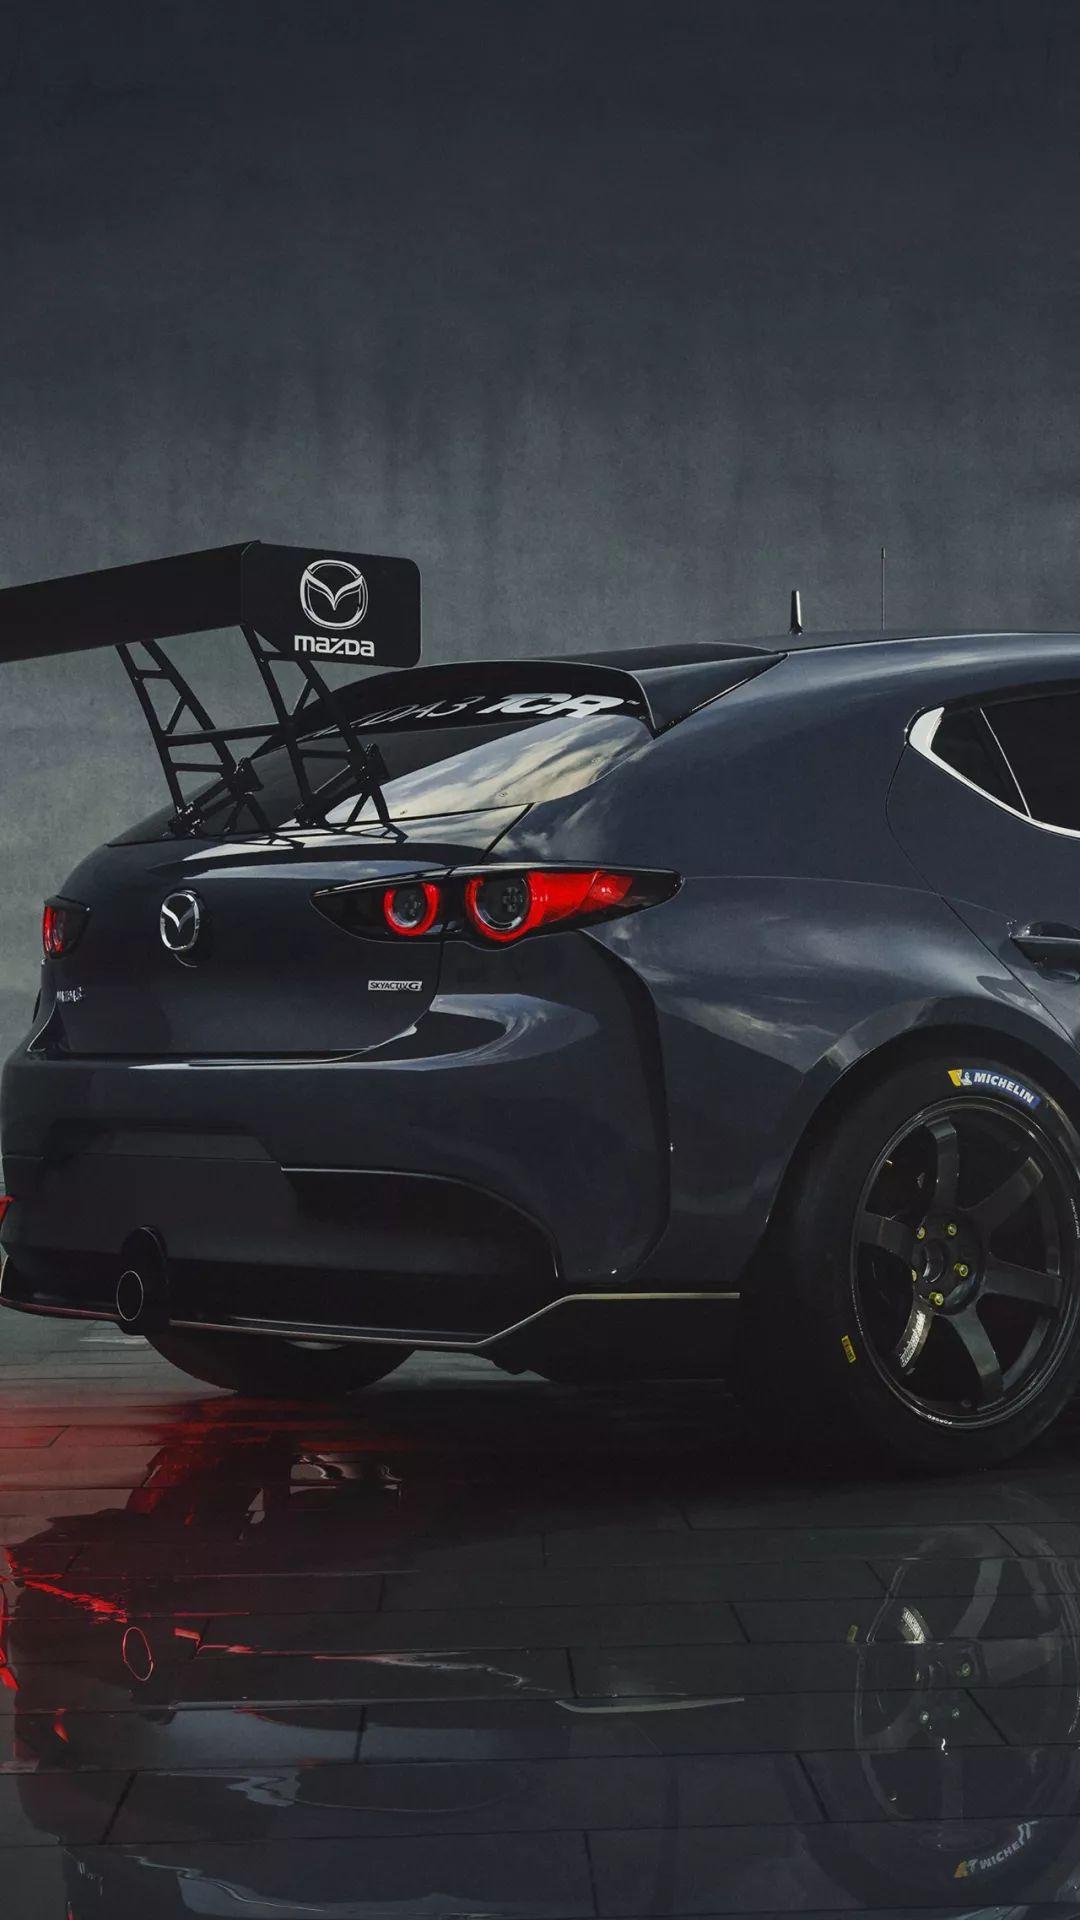 壁紙|來一套Mazda 3 TCR_鳳凰網汽車_鳳凰網